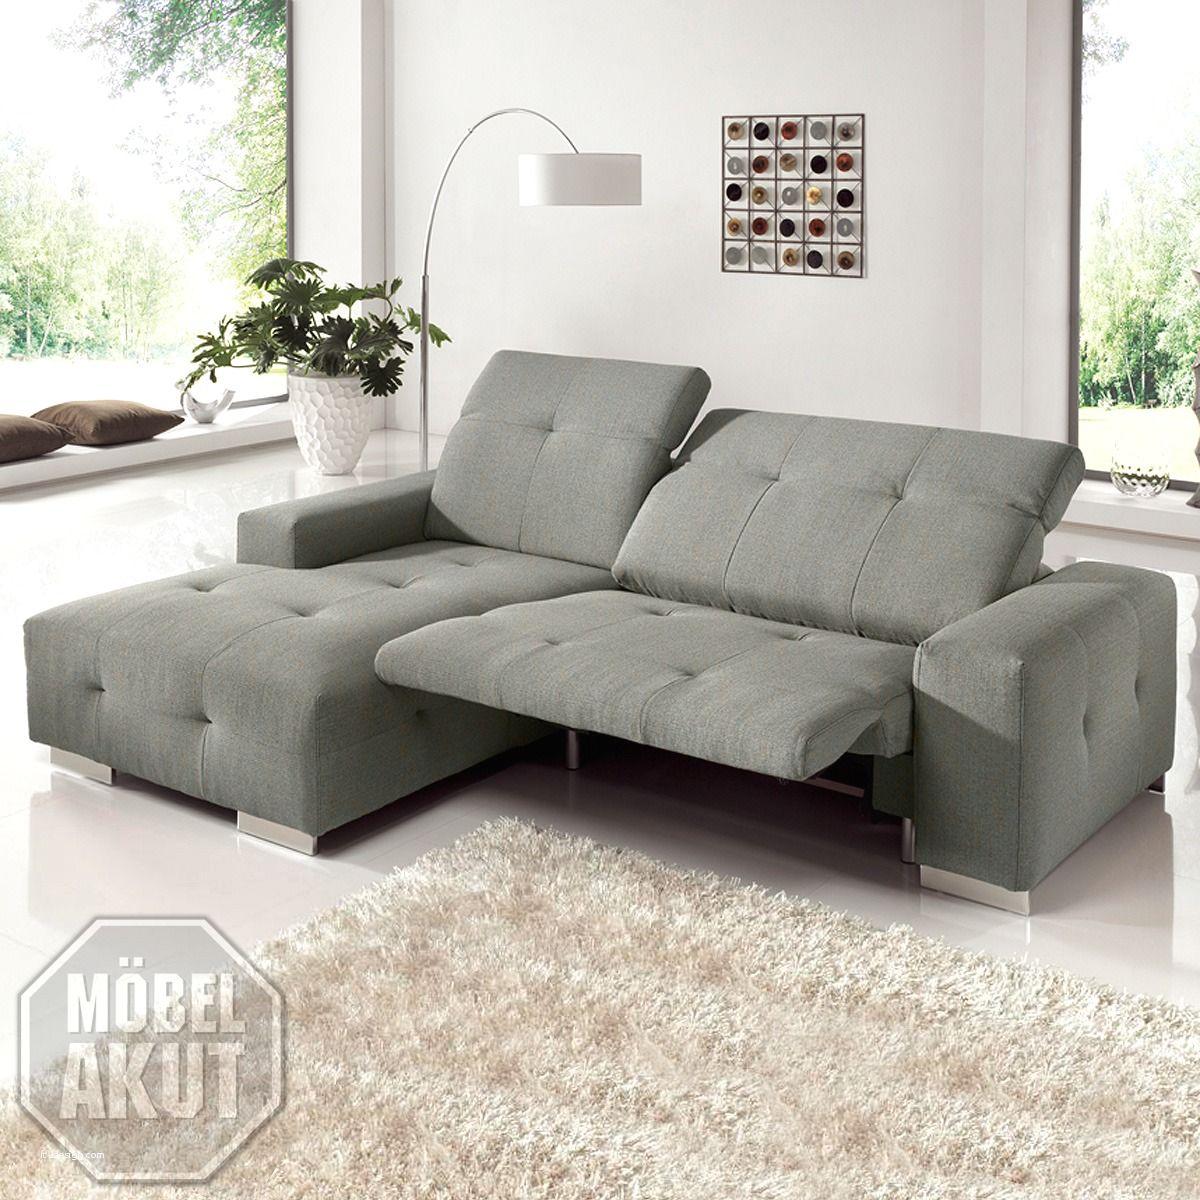 Himolla Ecksofa Mit Relaxfunktion Kunstlerisch Ecksofa Francisco Sofa Grau Sand Mit Elektrischer Moderne Couch Sofa Design Graues Sofa